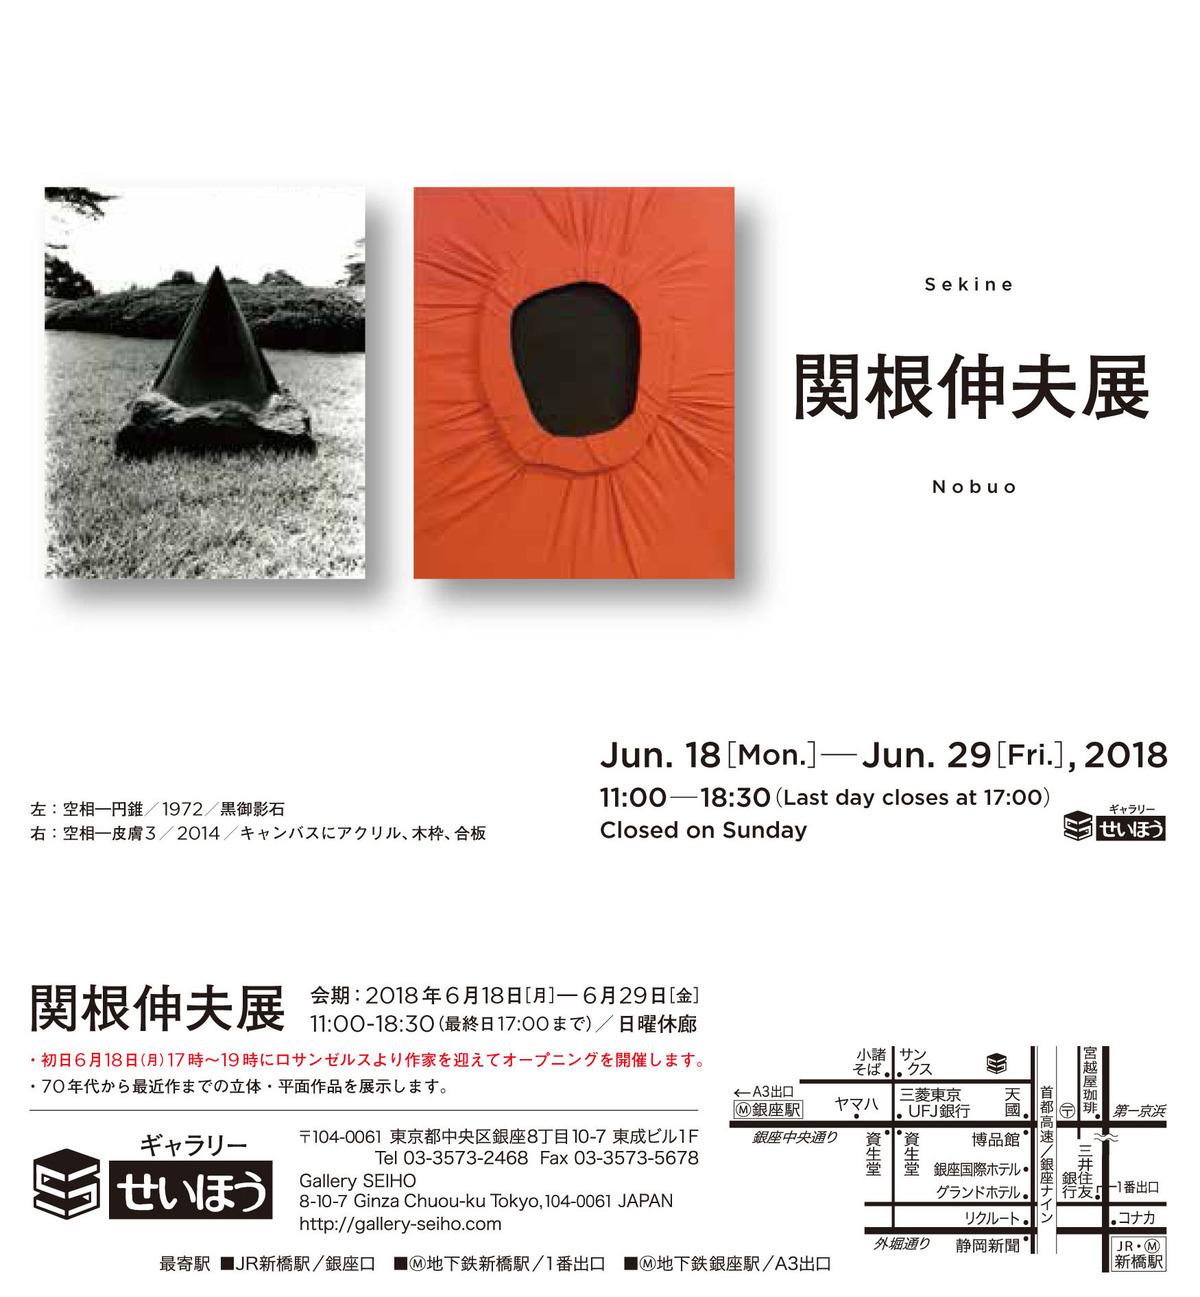 銀座・Gせいほうで「関根伸夫展」6月18日(月)〜6月29日(金)